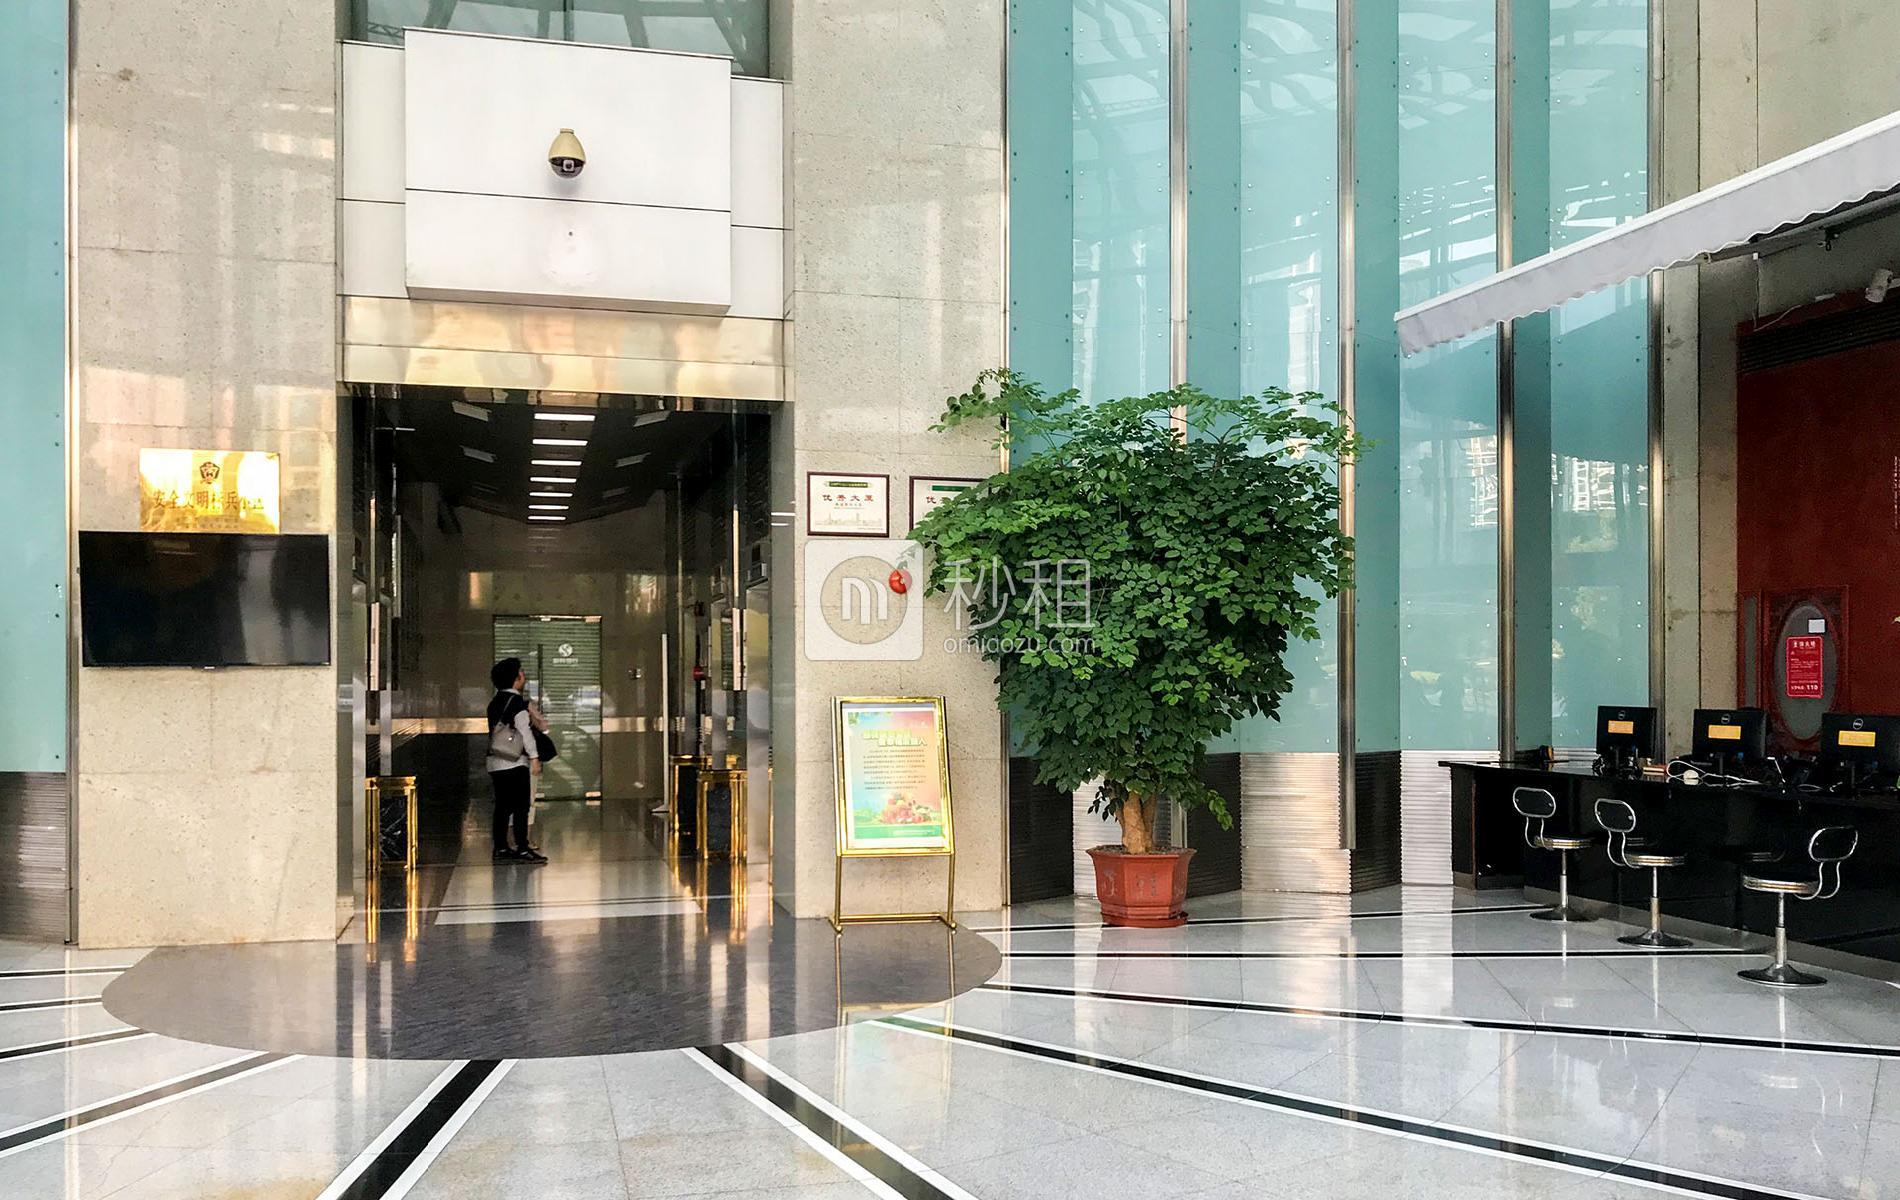 阳光高尔夫大厦写字楼出租/招租/租赁,阳光高尔夫大厦办公室出租/招租/租赁